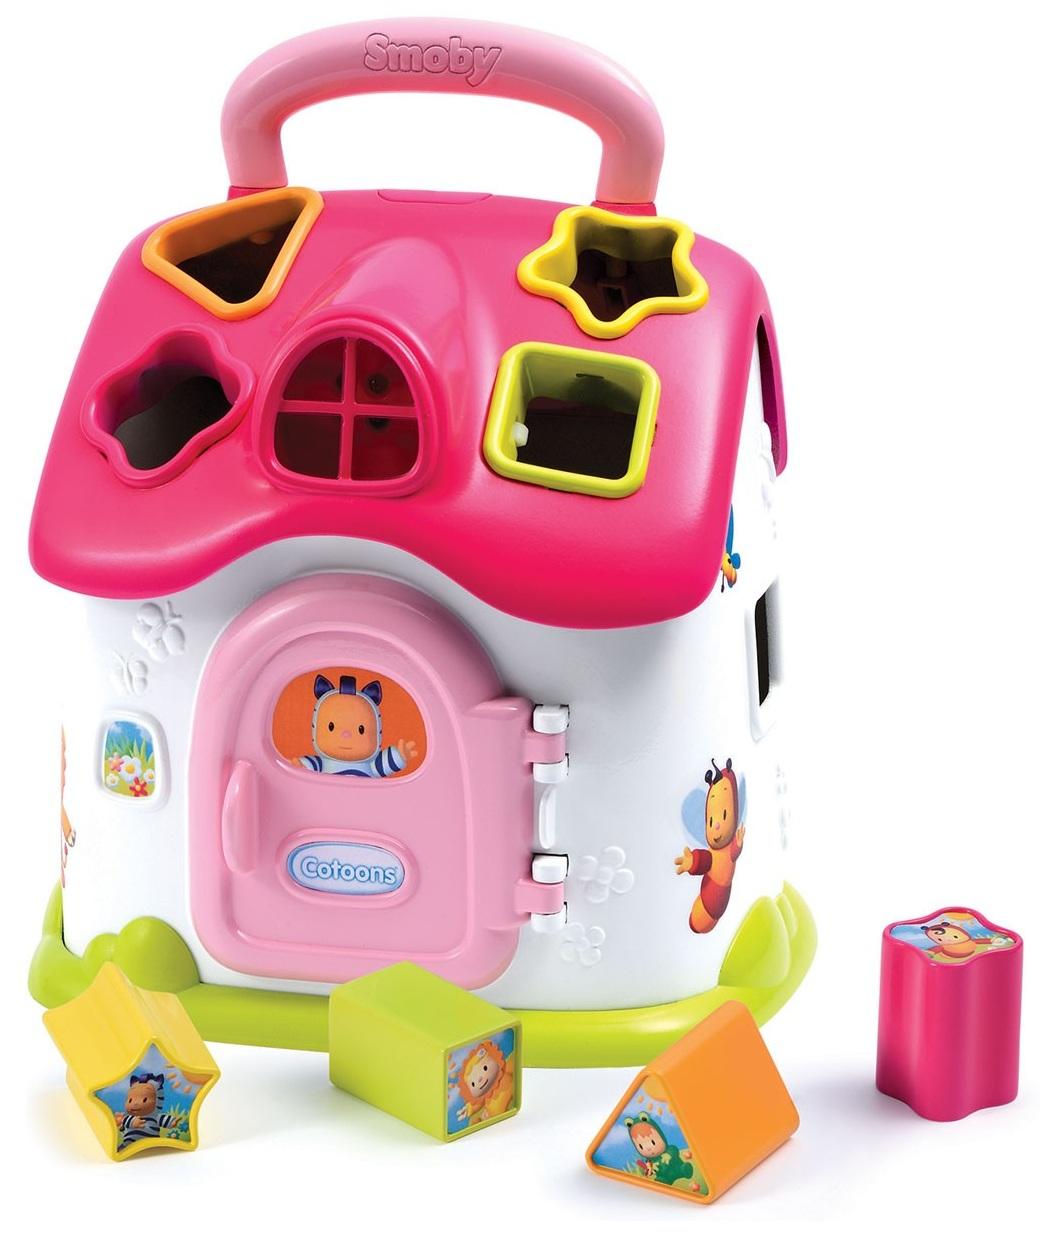 Smoby Cotoons - Развивающий домик-сортерСортеры, пирамидки<br>Домик-сортер из серии Cotoons — это яркая новая игрушка из серии развивающих игрушек от Smoby. <br>Каждая фигурка имеет своё уникальное основание —...<br>